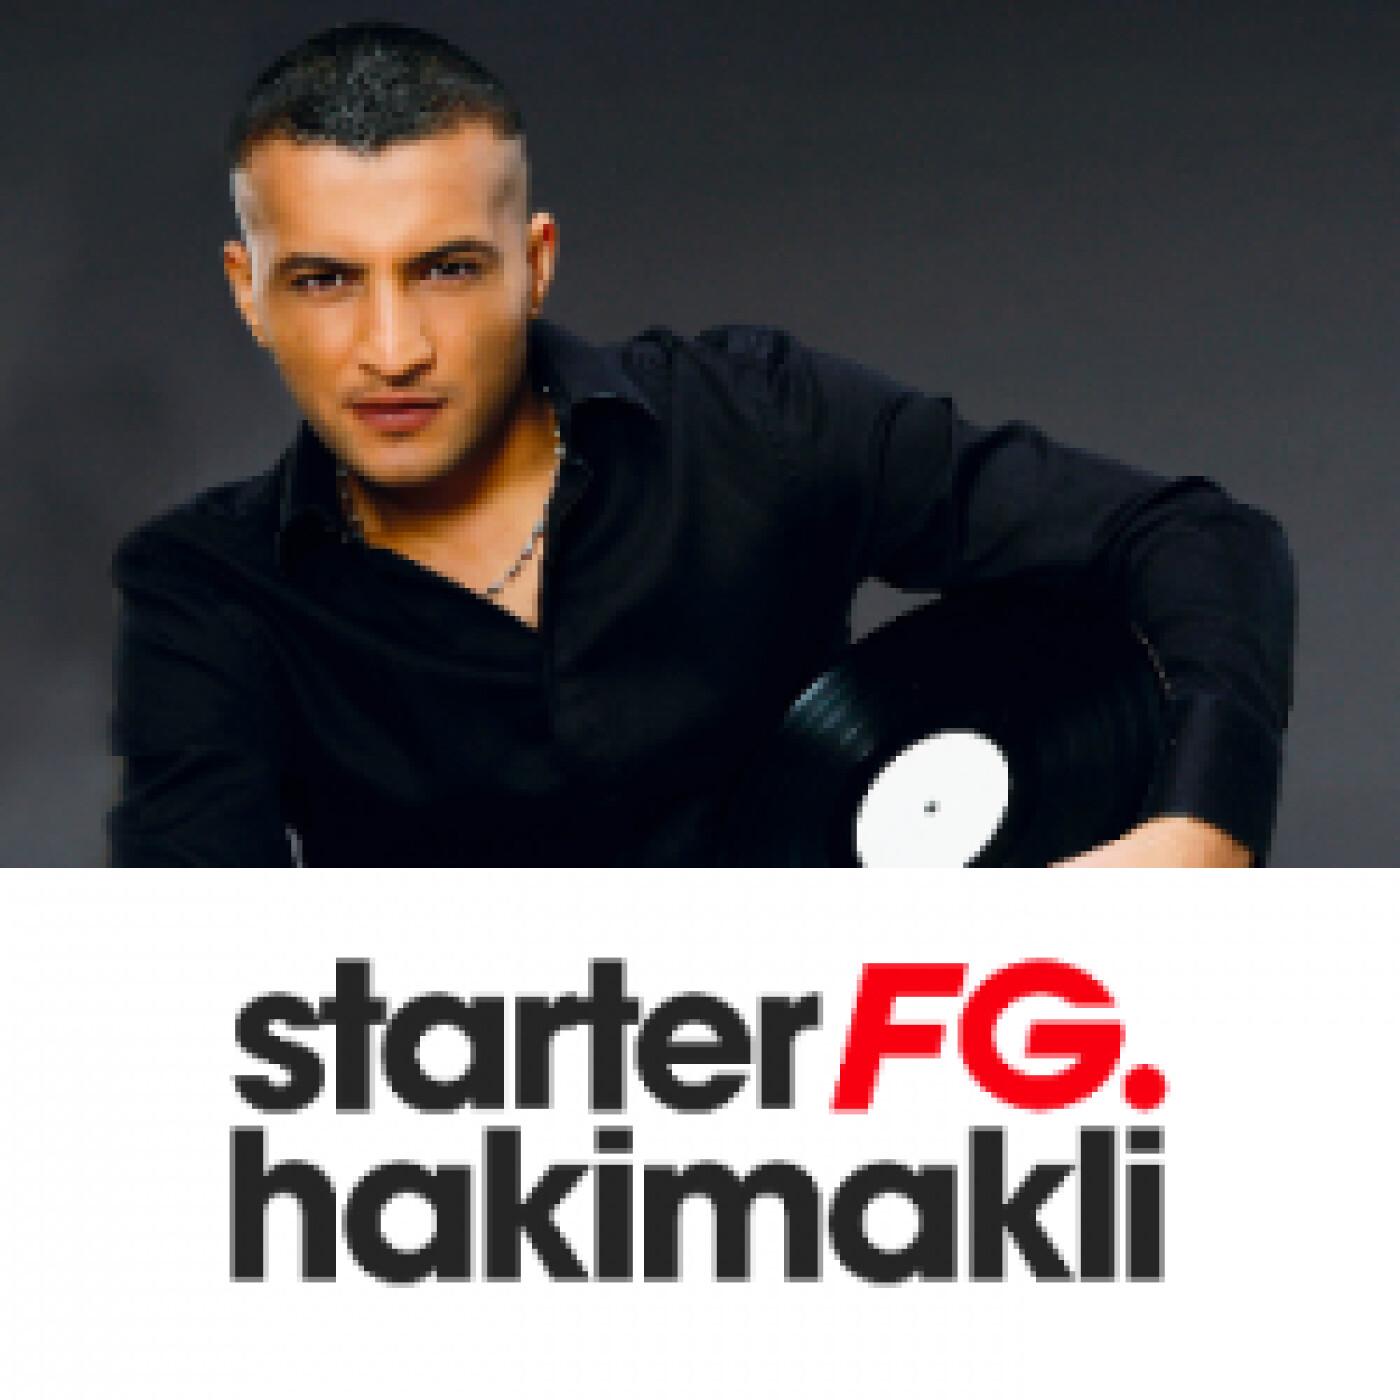 STARTER FG BY HAKIMAKLI JEUDI 22 AVRIL 2021